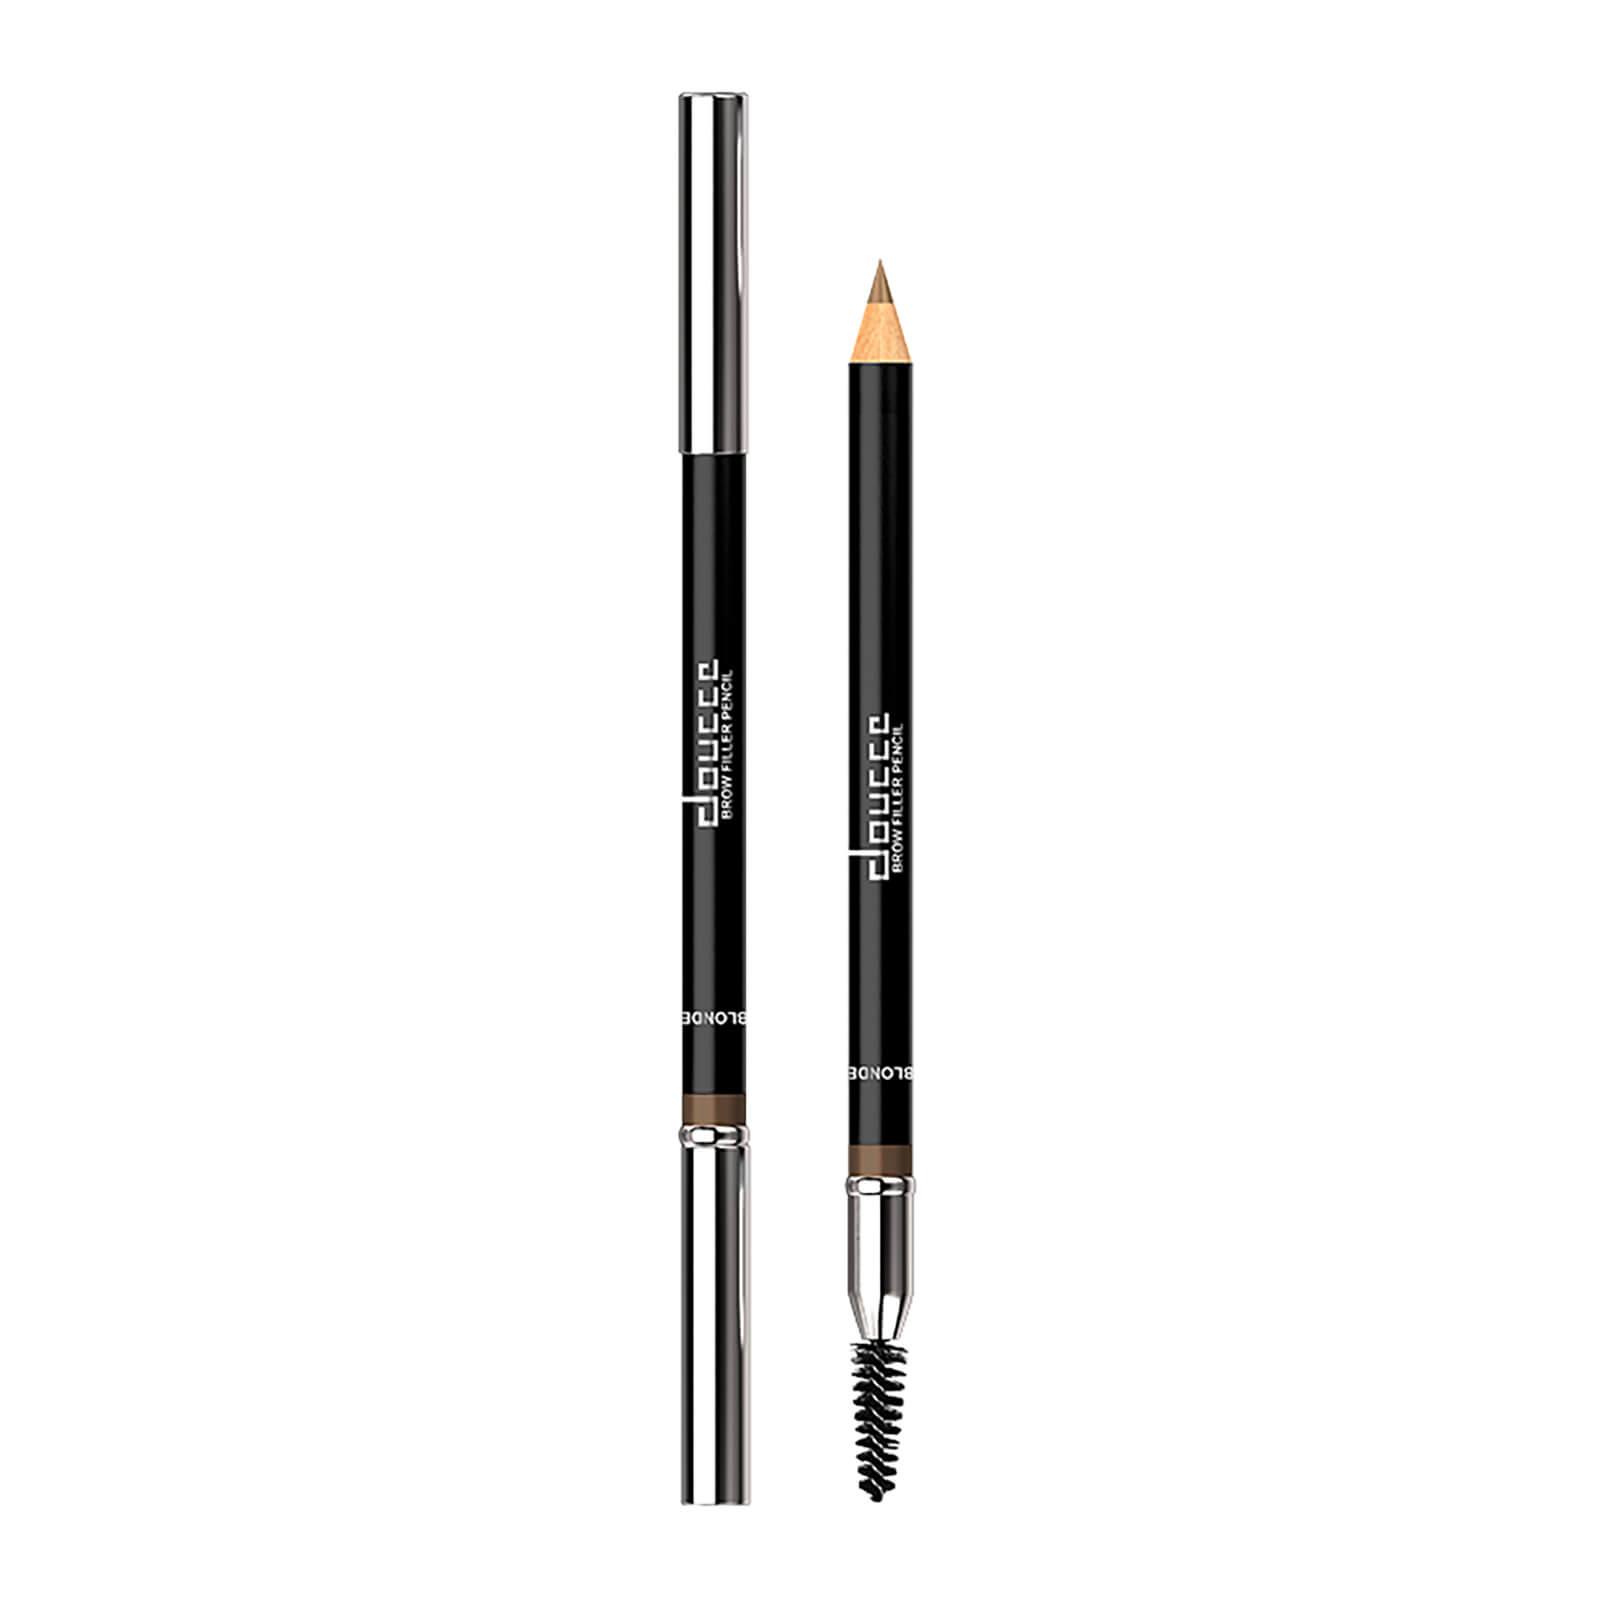 doucce Crayon à sourcils doucce 1,25g (différentes teintes disponibles) - Blonde (620)